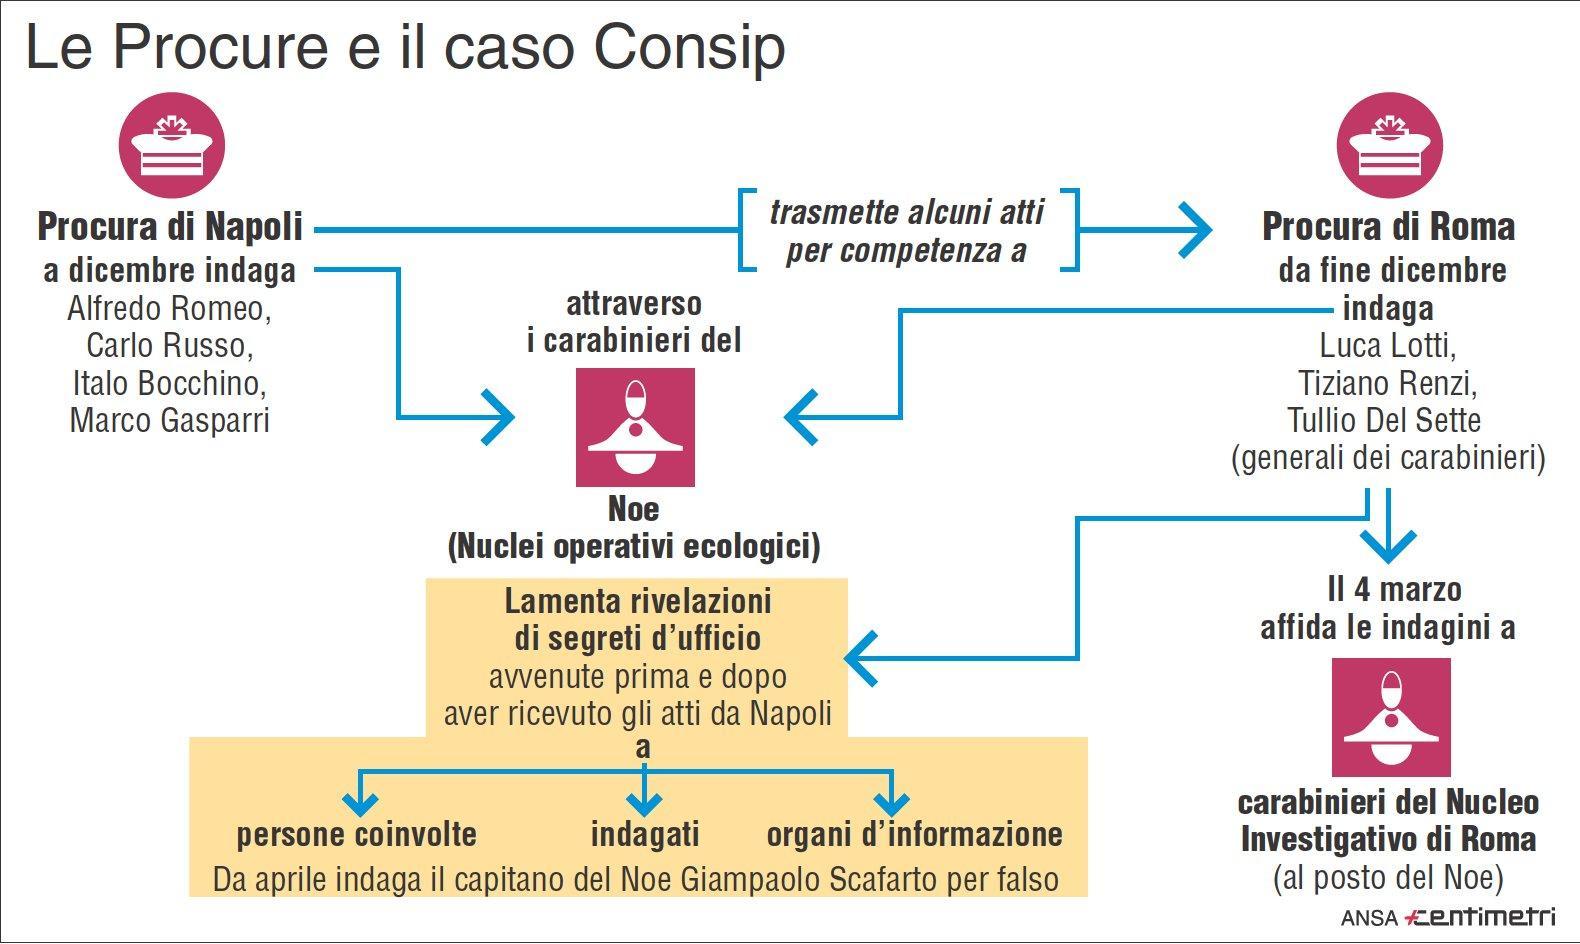 Le procure e il caso Consip